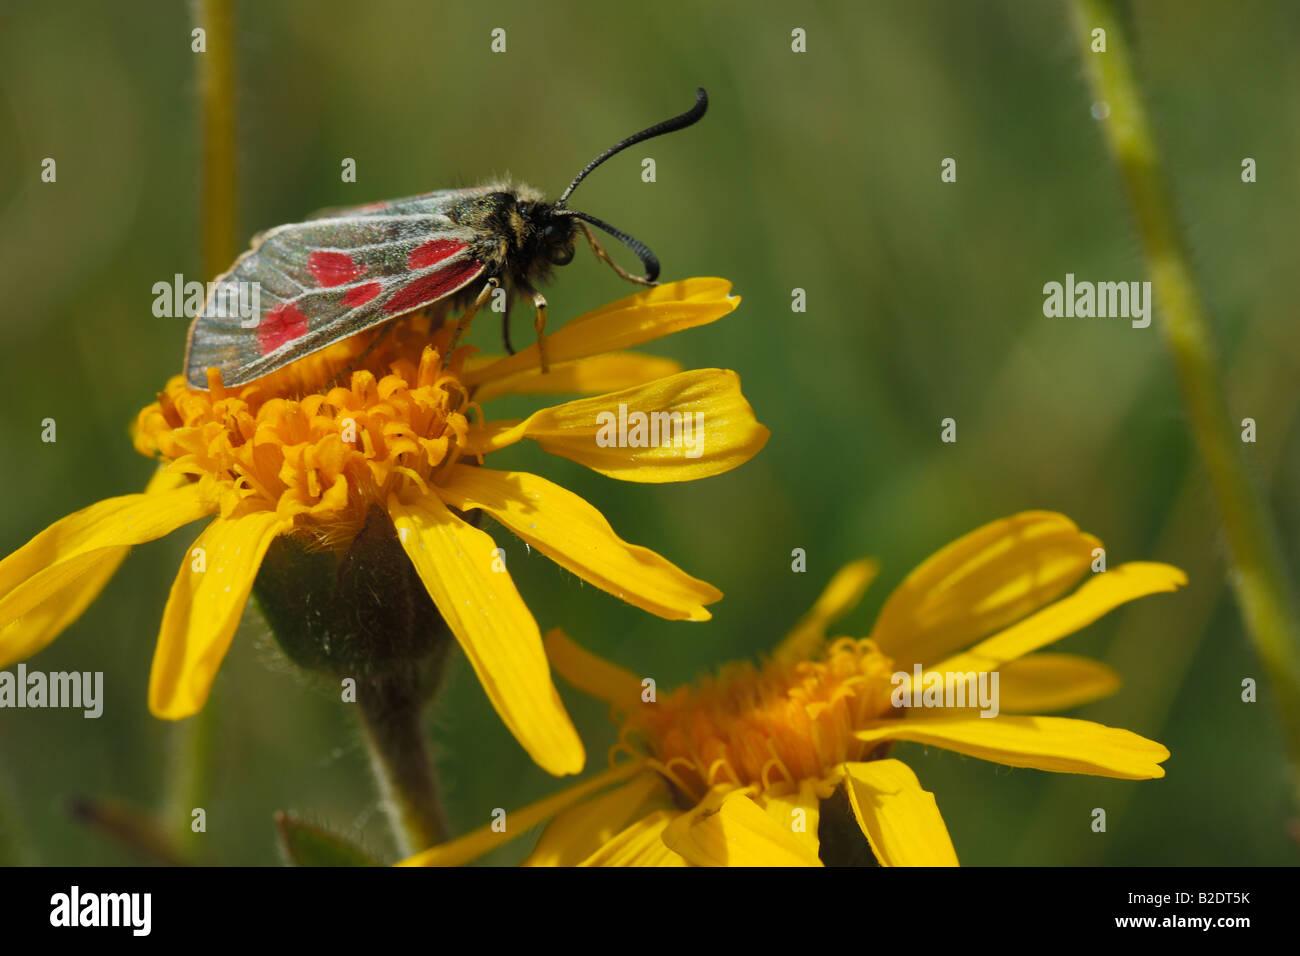 Farfalla insetto daisy montagne zigena su Arnica montana Zygaena trifolii Lepidotteri Eteroceri insetti montagna Immagini Stock